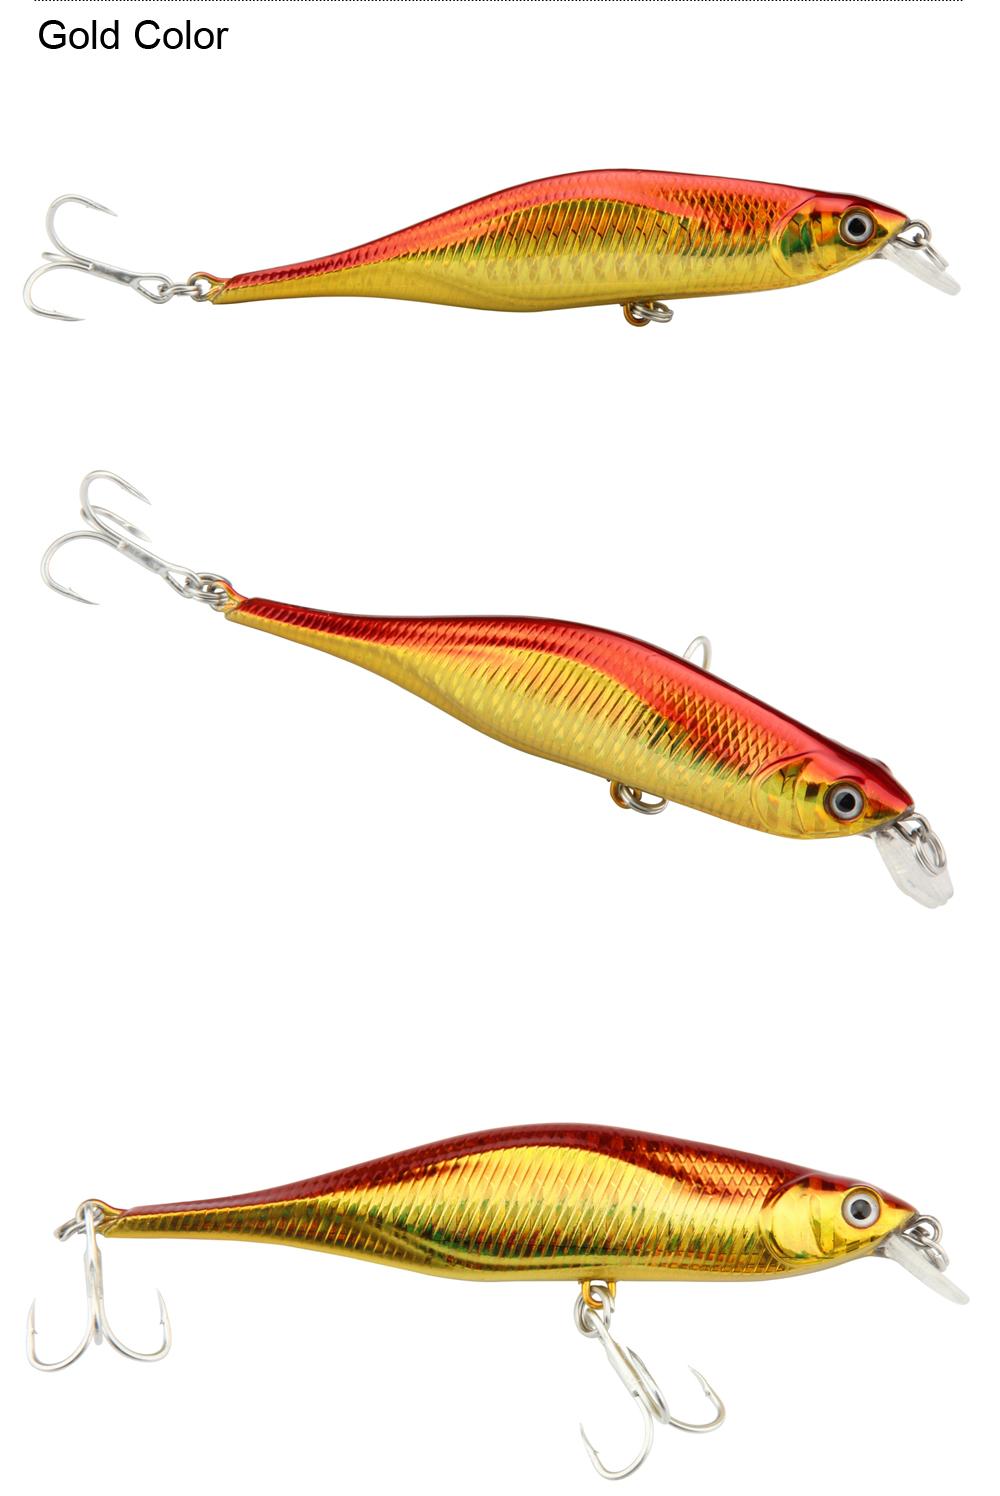 2017 Spinpoler New Fishing Lures,Minnow Crank 11cm 11g.Artificial Japan Hard Bait Wobbler Swimbait Hot Model Crank Bait 5 Colors (8)